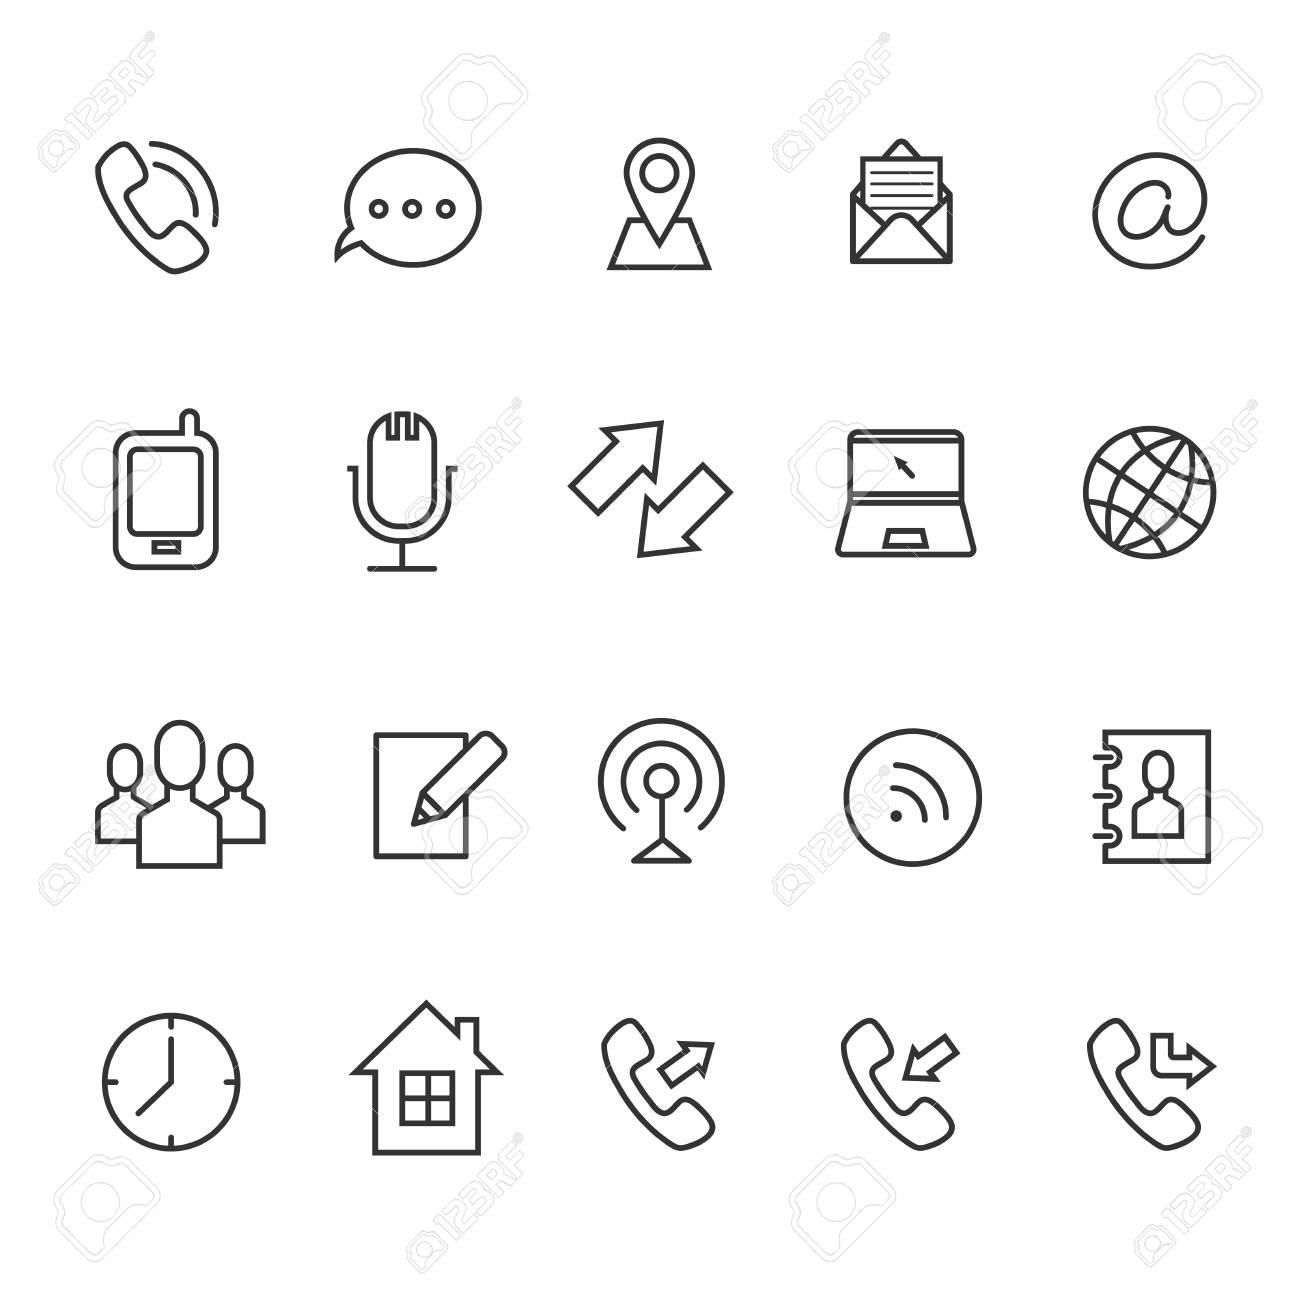 Icones Vectorielles De Communication Ligne Pour Carte Visite